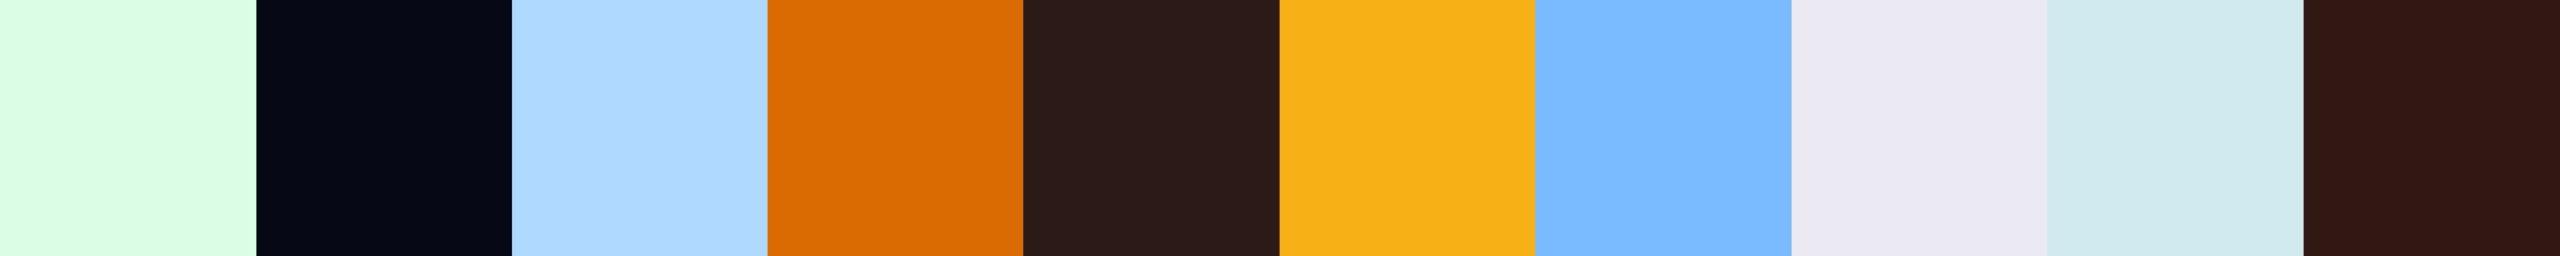 97 Wenna Color Palette